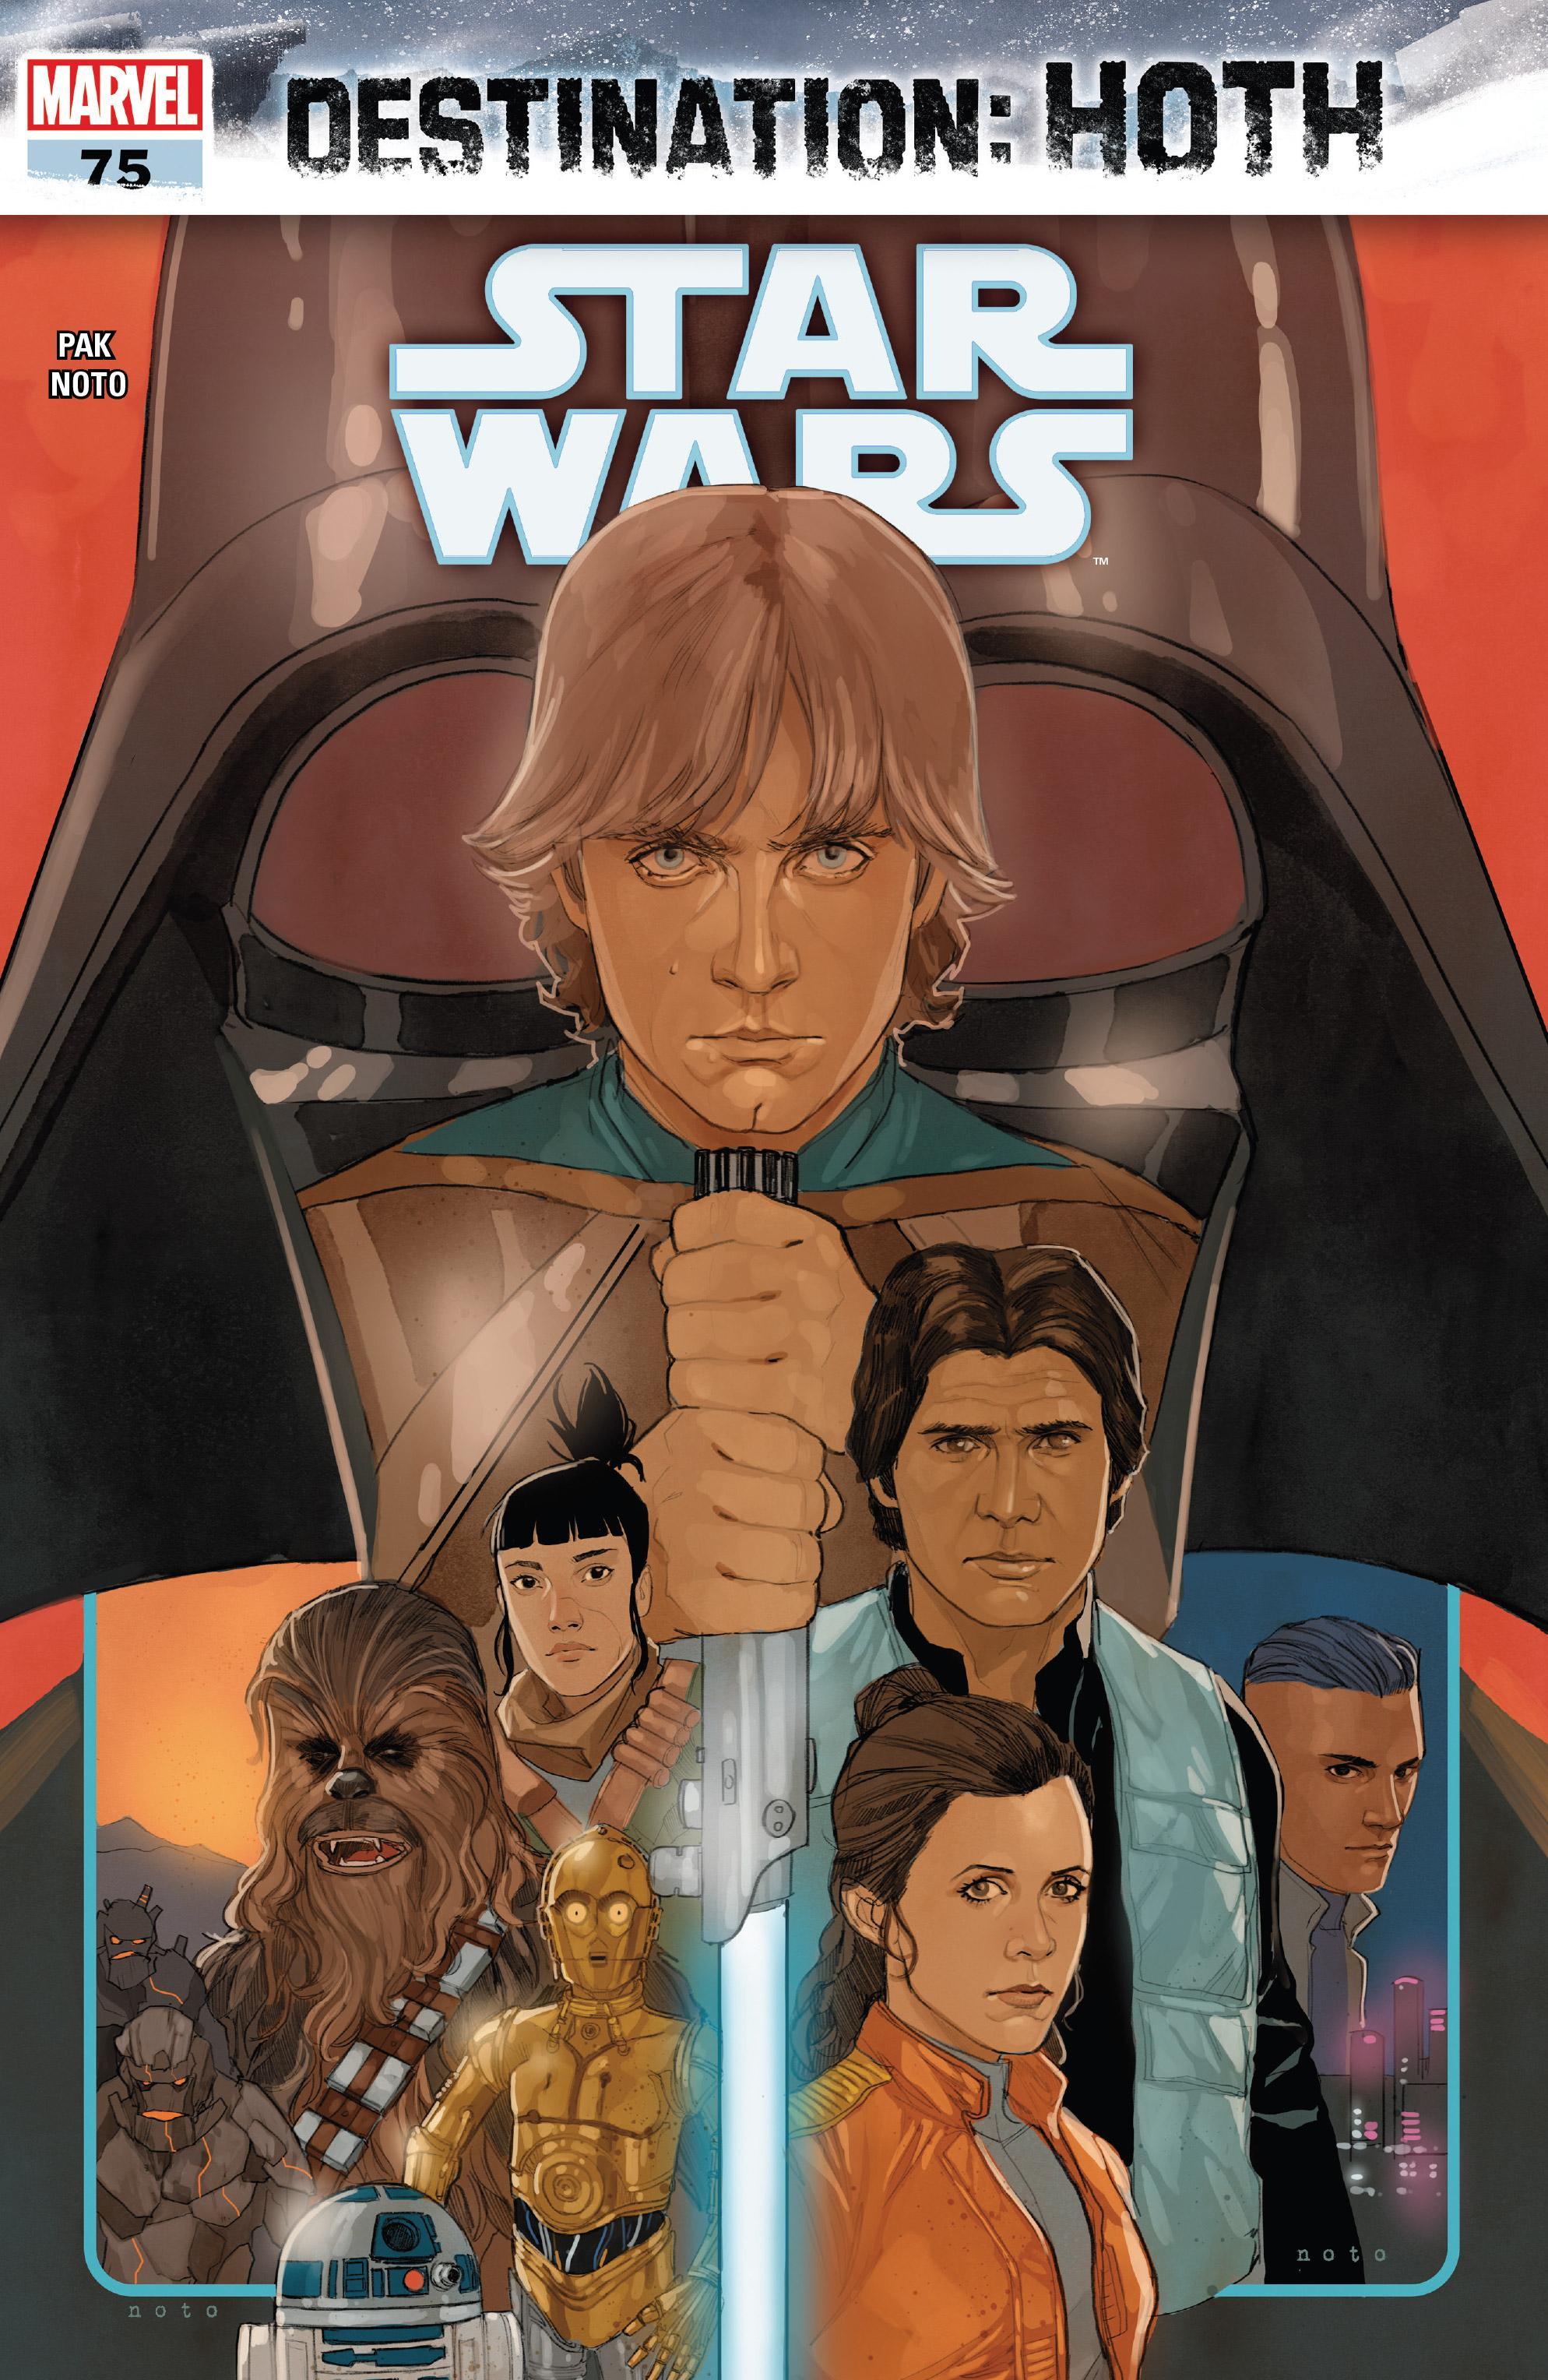 Звёздные войны 75: Мятежники и изгои, часть 8